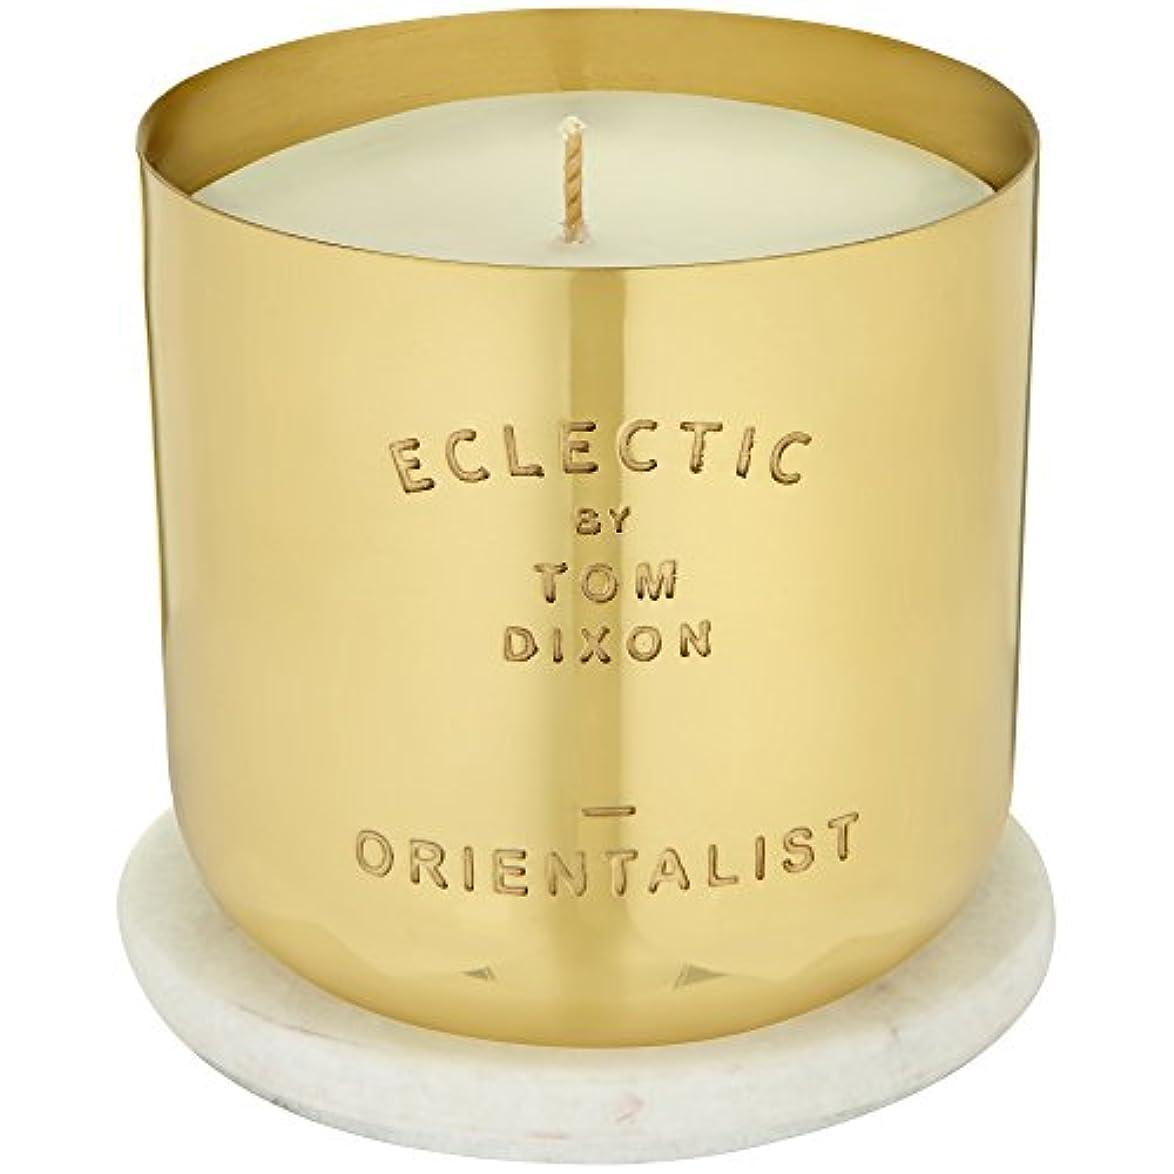 緊張するレクリエーション大使館Tom Dixon Orientalist Scented Candle (Pack of 2) - トム?ディクソン東洋香りのキャンドル x2 [並行輸入品]